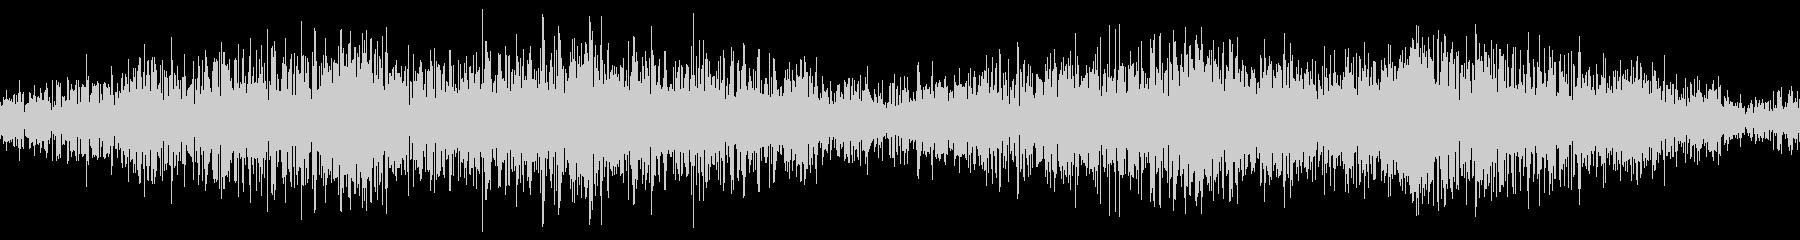 無限ループする地響き(左右揺れ)の未再生の波形